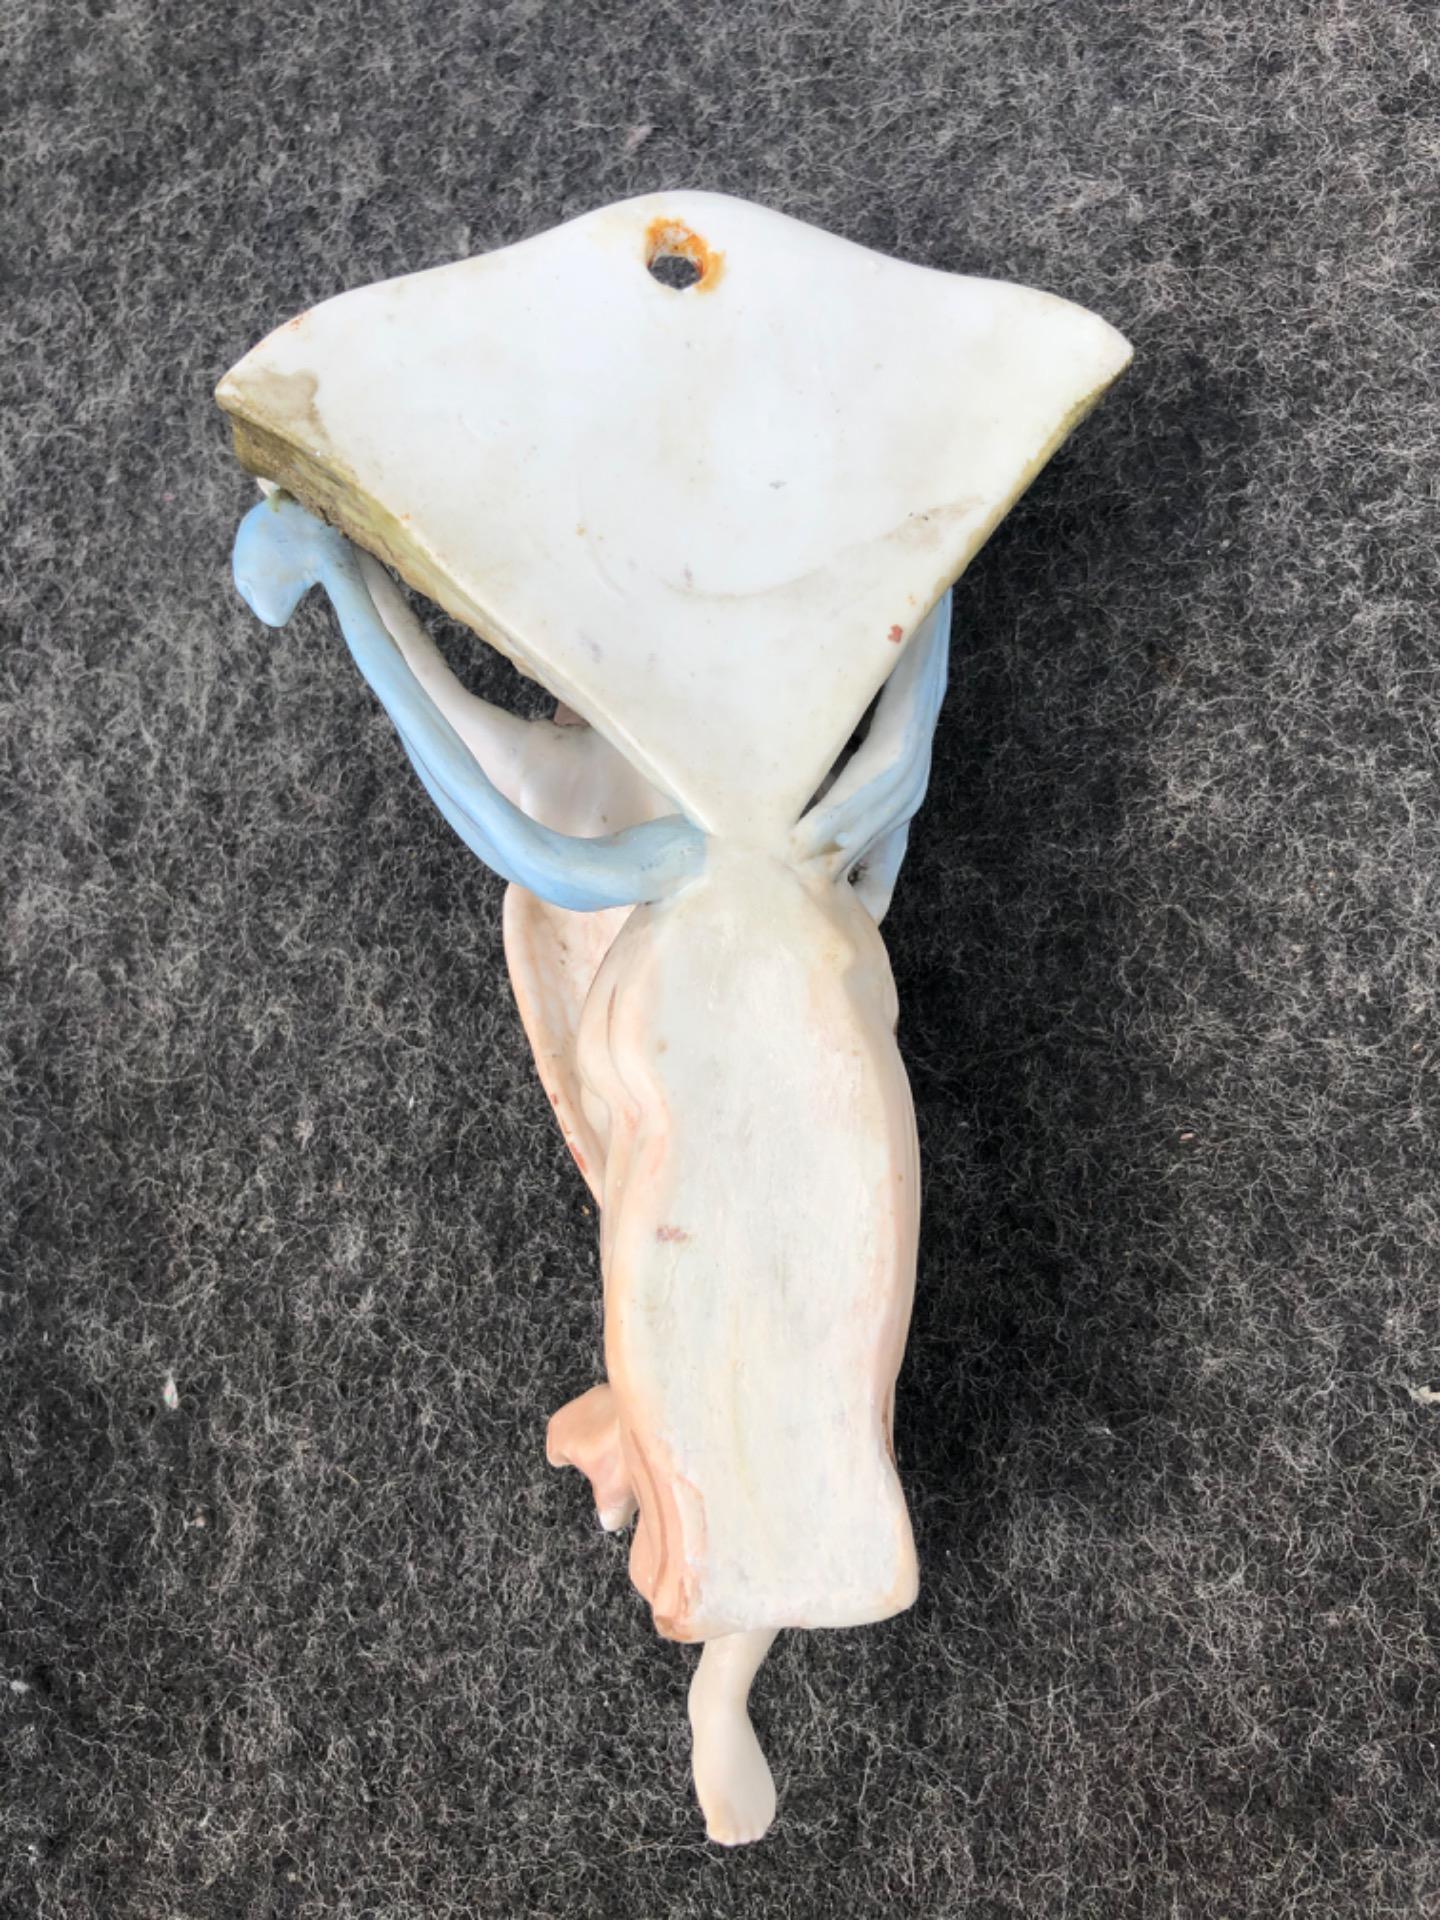 thumb4 Acquasantiera in porcellana bisquit raffigurante angelo di spalle che regge la coppa a conchiglia.Italia.